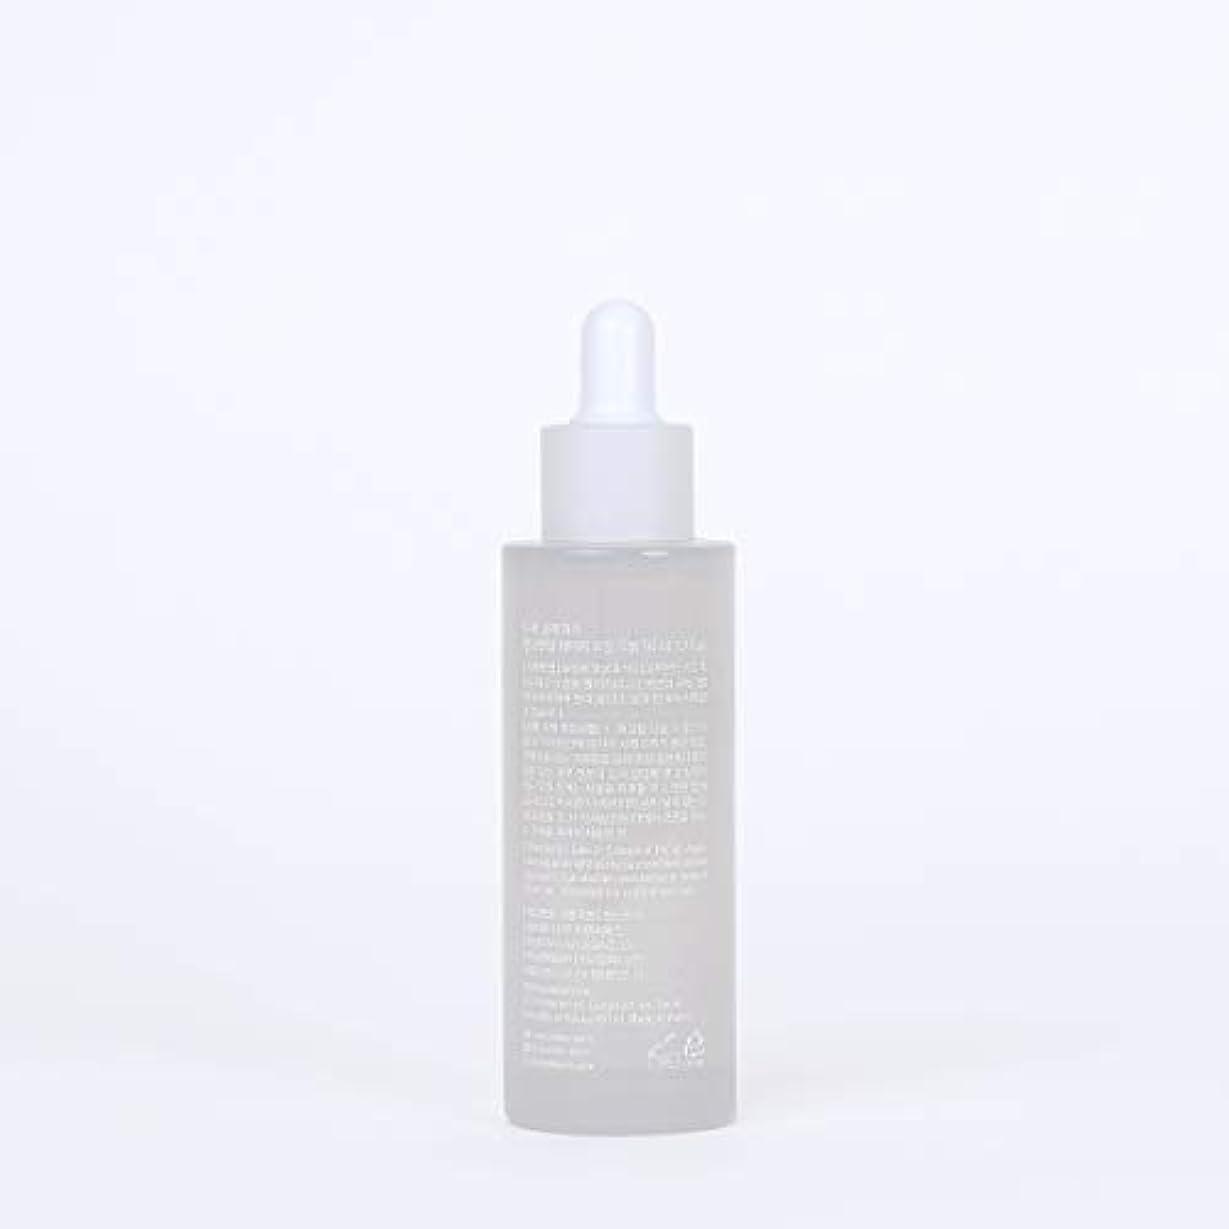 残基ささやきインセンティブ【クレアス(Klairs)】ファンダメンタルウォーターリーオイルドロップ, Fundamental Watery Oil Drop, 50ml, [並行輸入品]